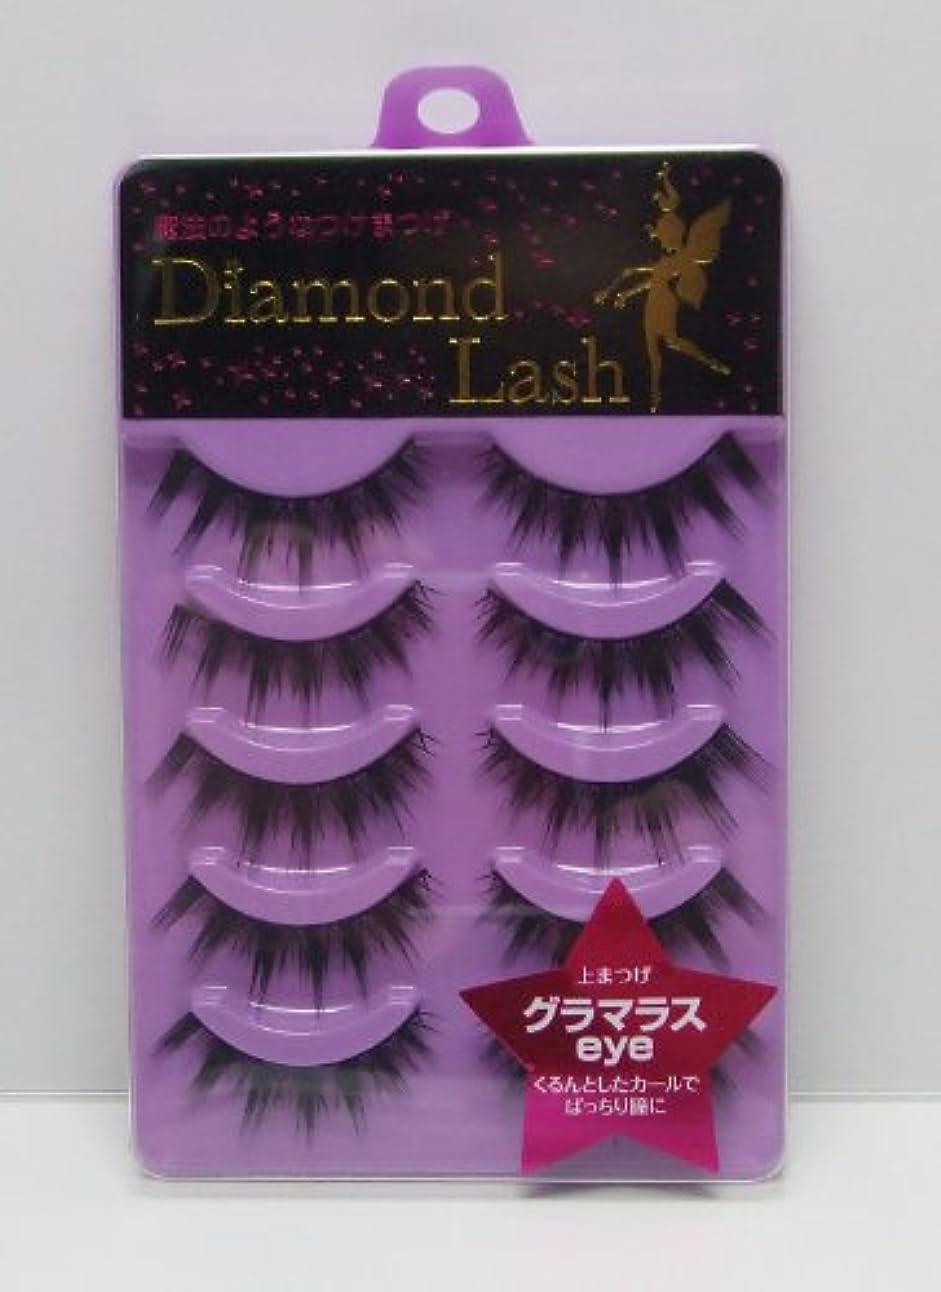 家畜うぬぼれお客様ダイヤモンドラッシュ グラマラスeye 上まつげ用 DL51151